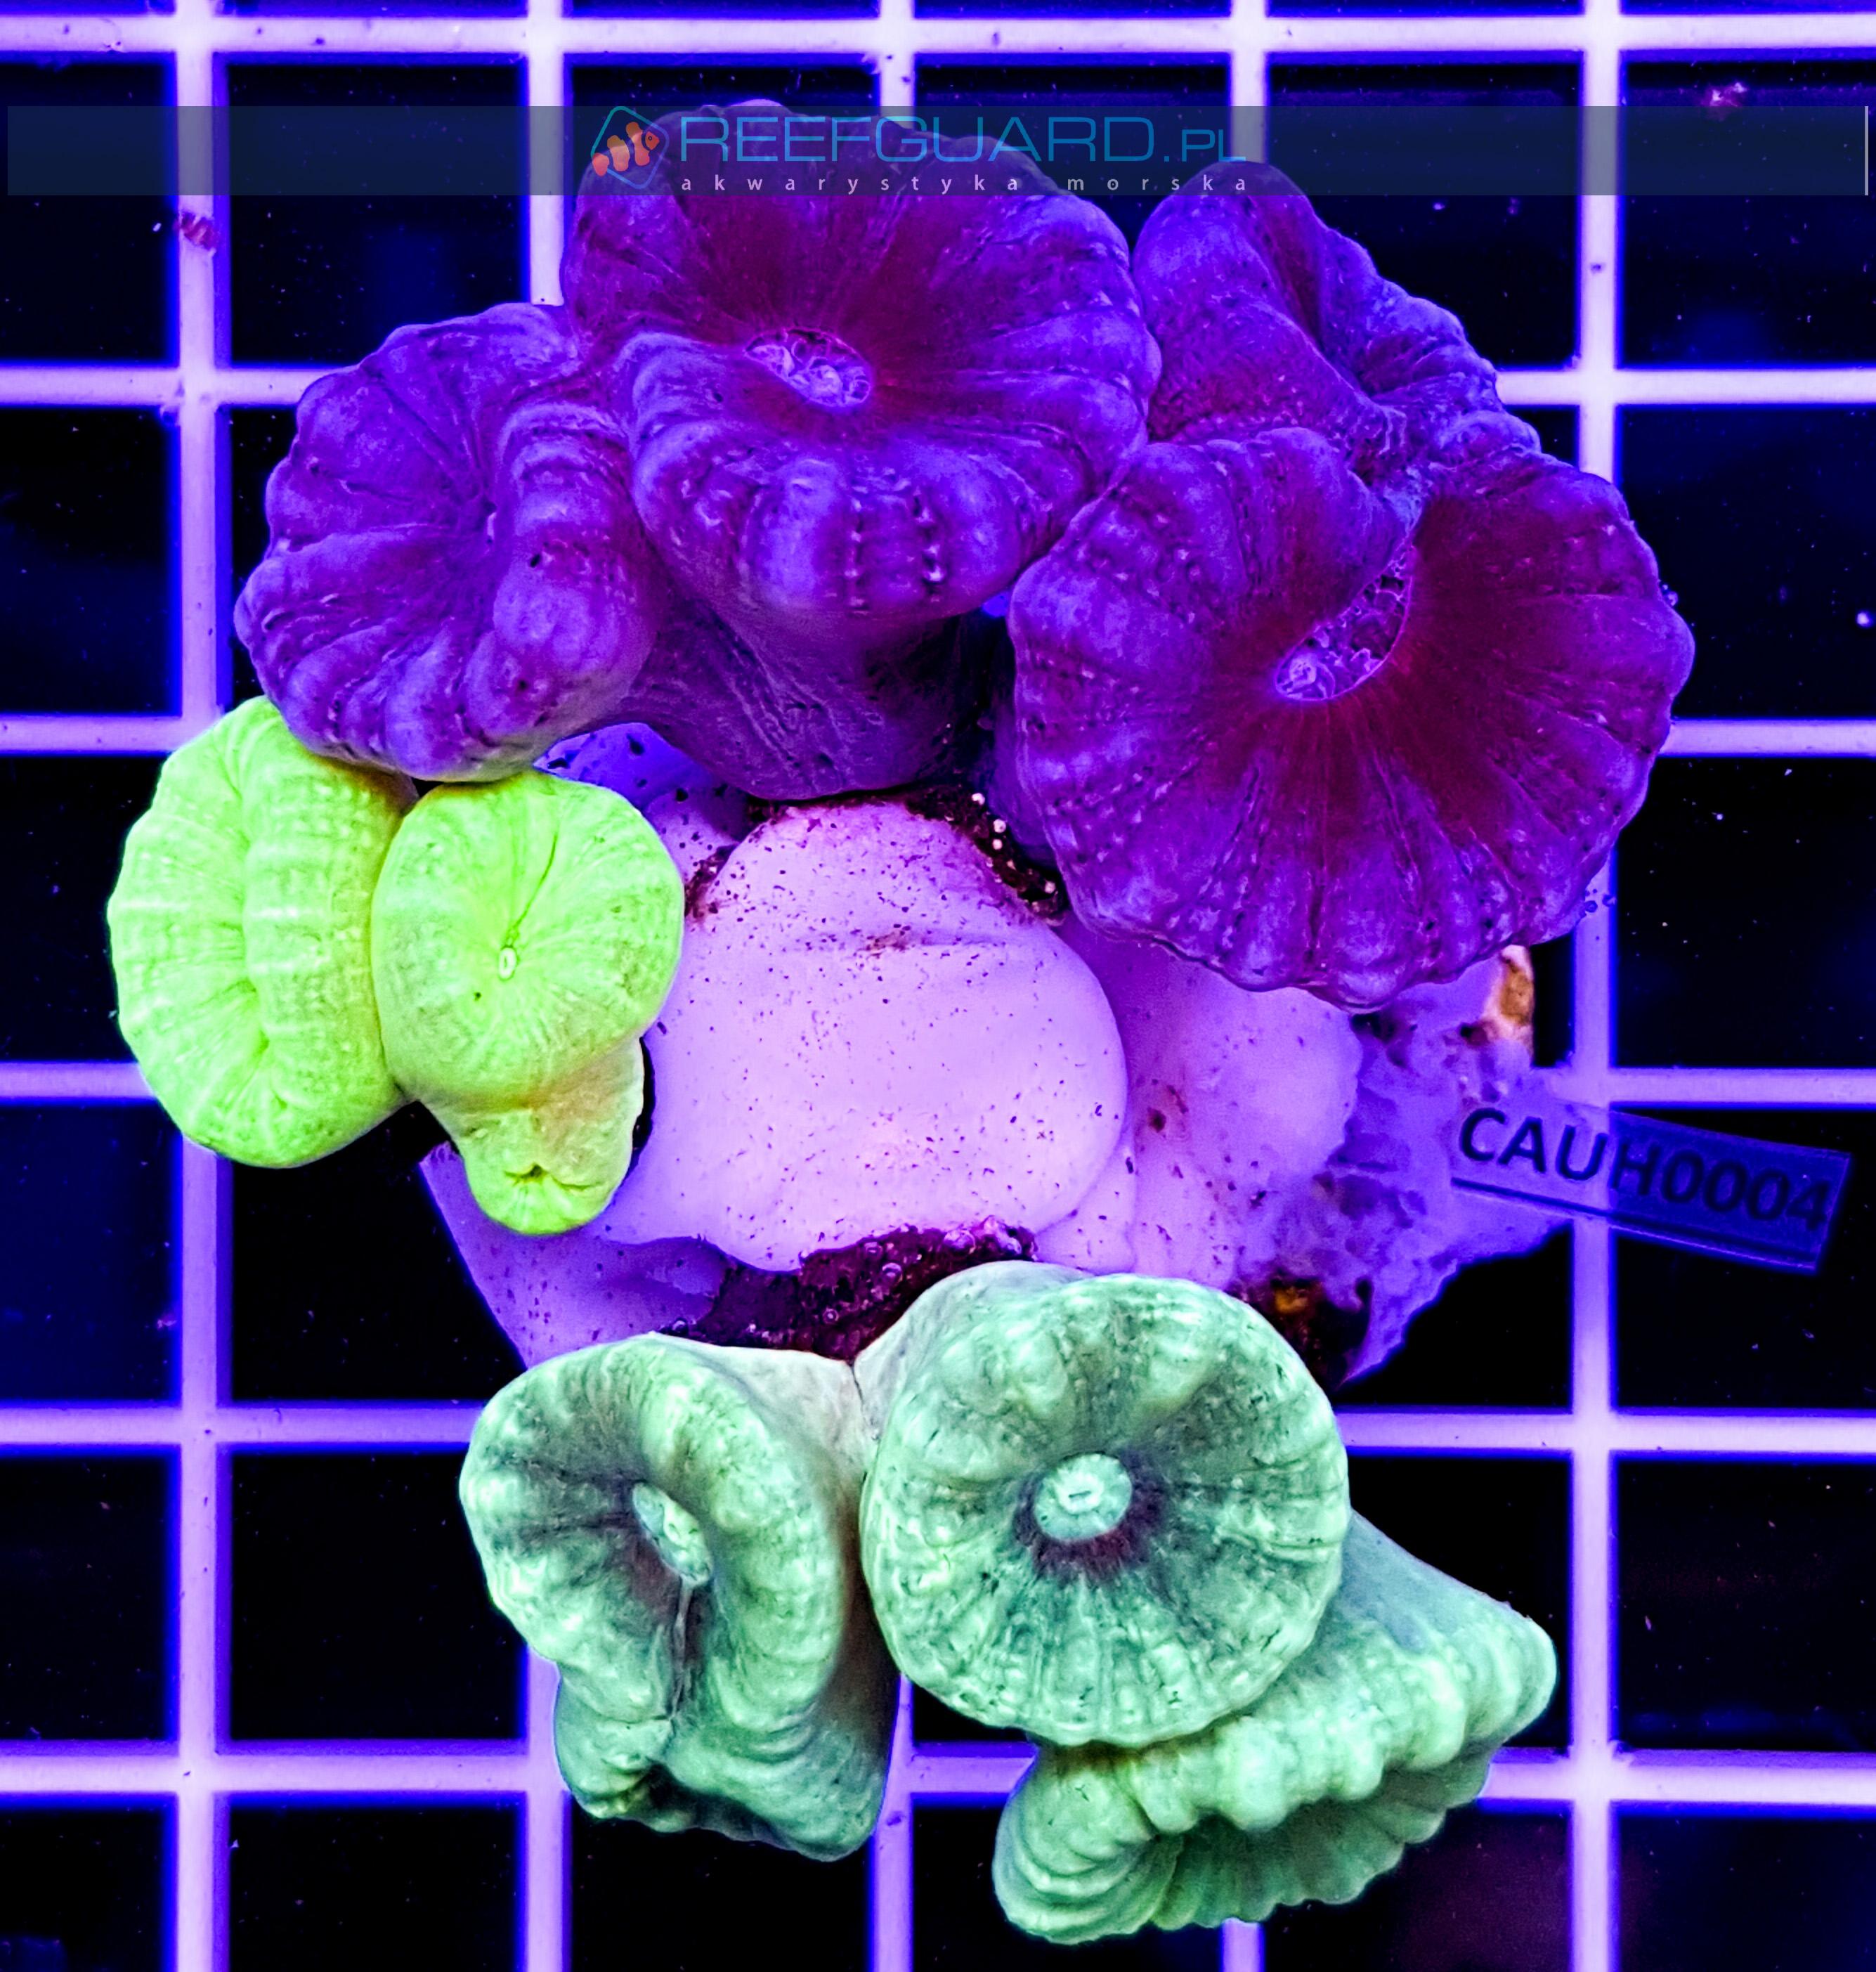 Caulastrea Multi Color CAUH0004 szczecin reefguard